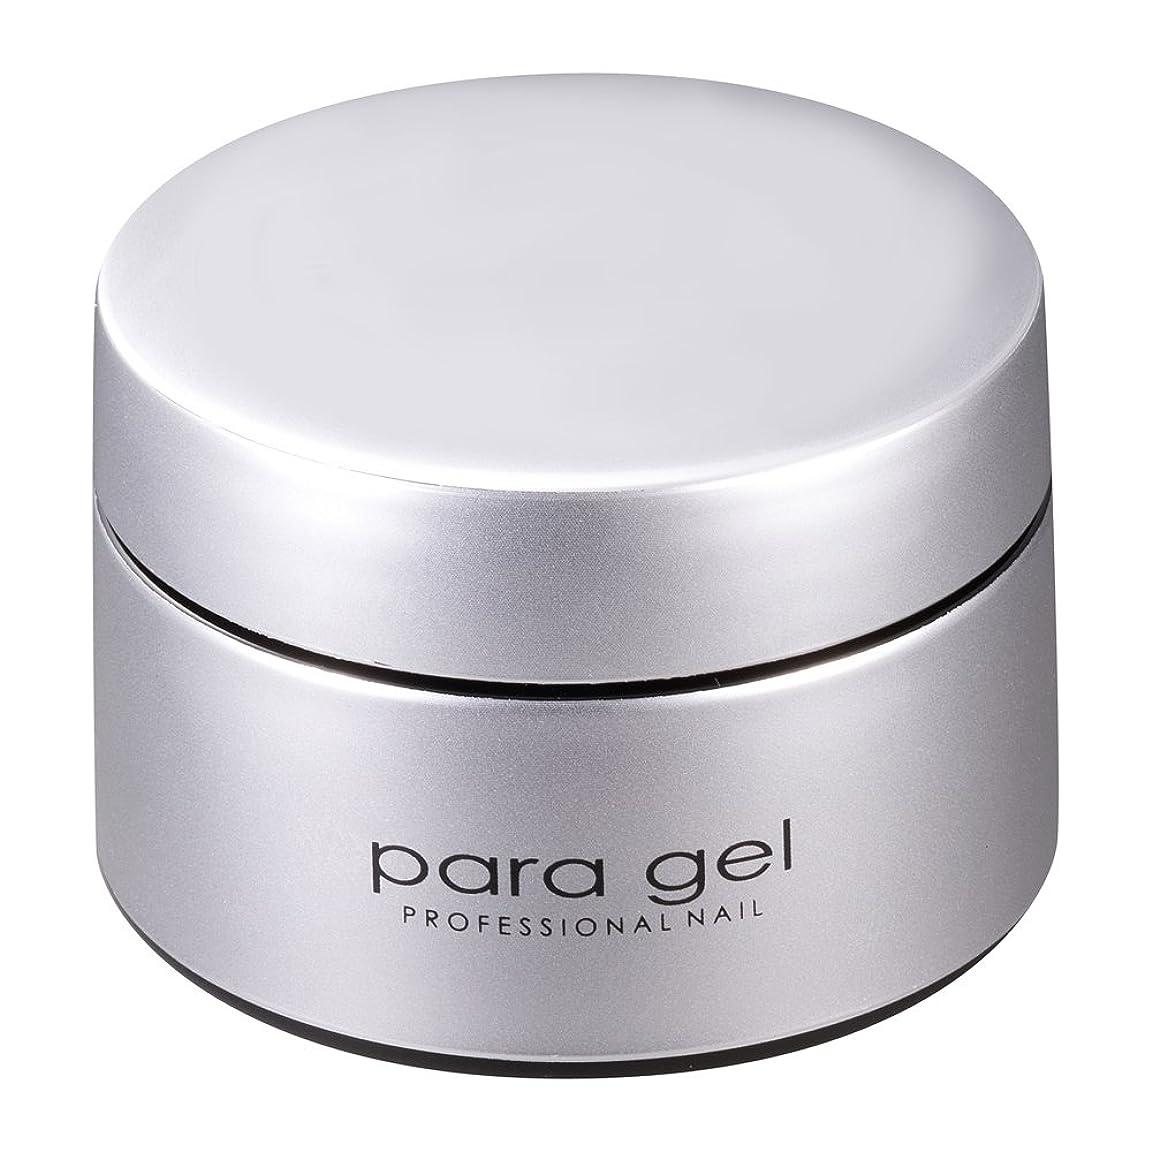 検証地域の変数para gel カラージェル P014 アンティークグレー 4g